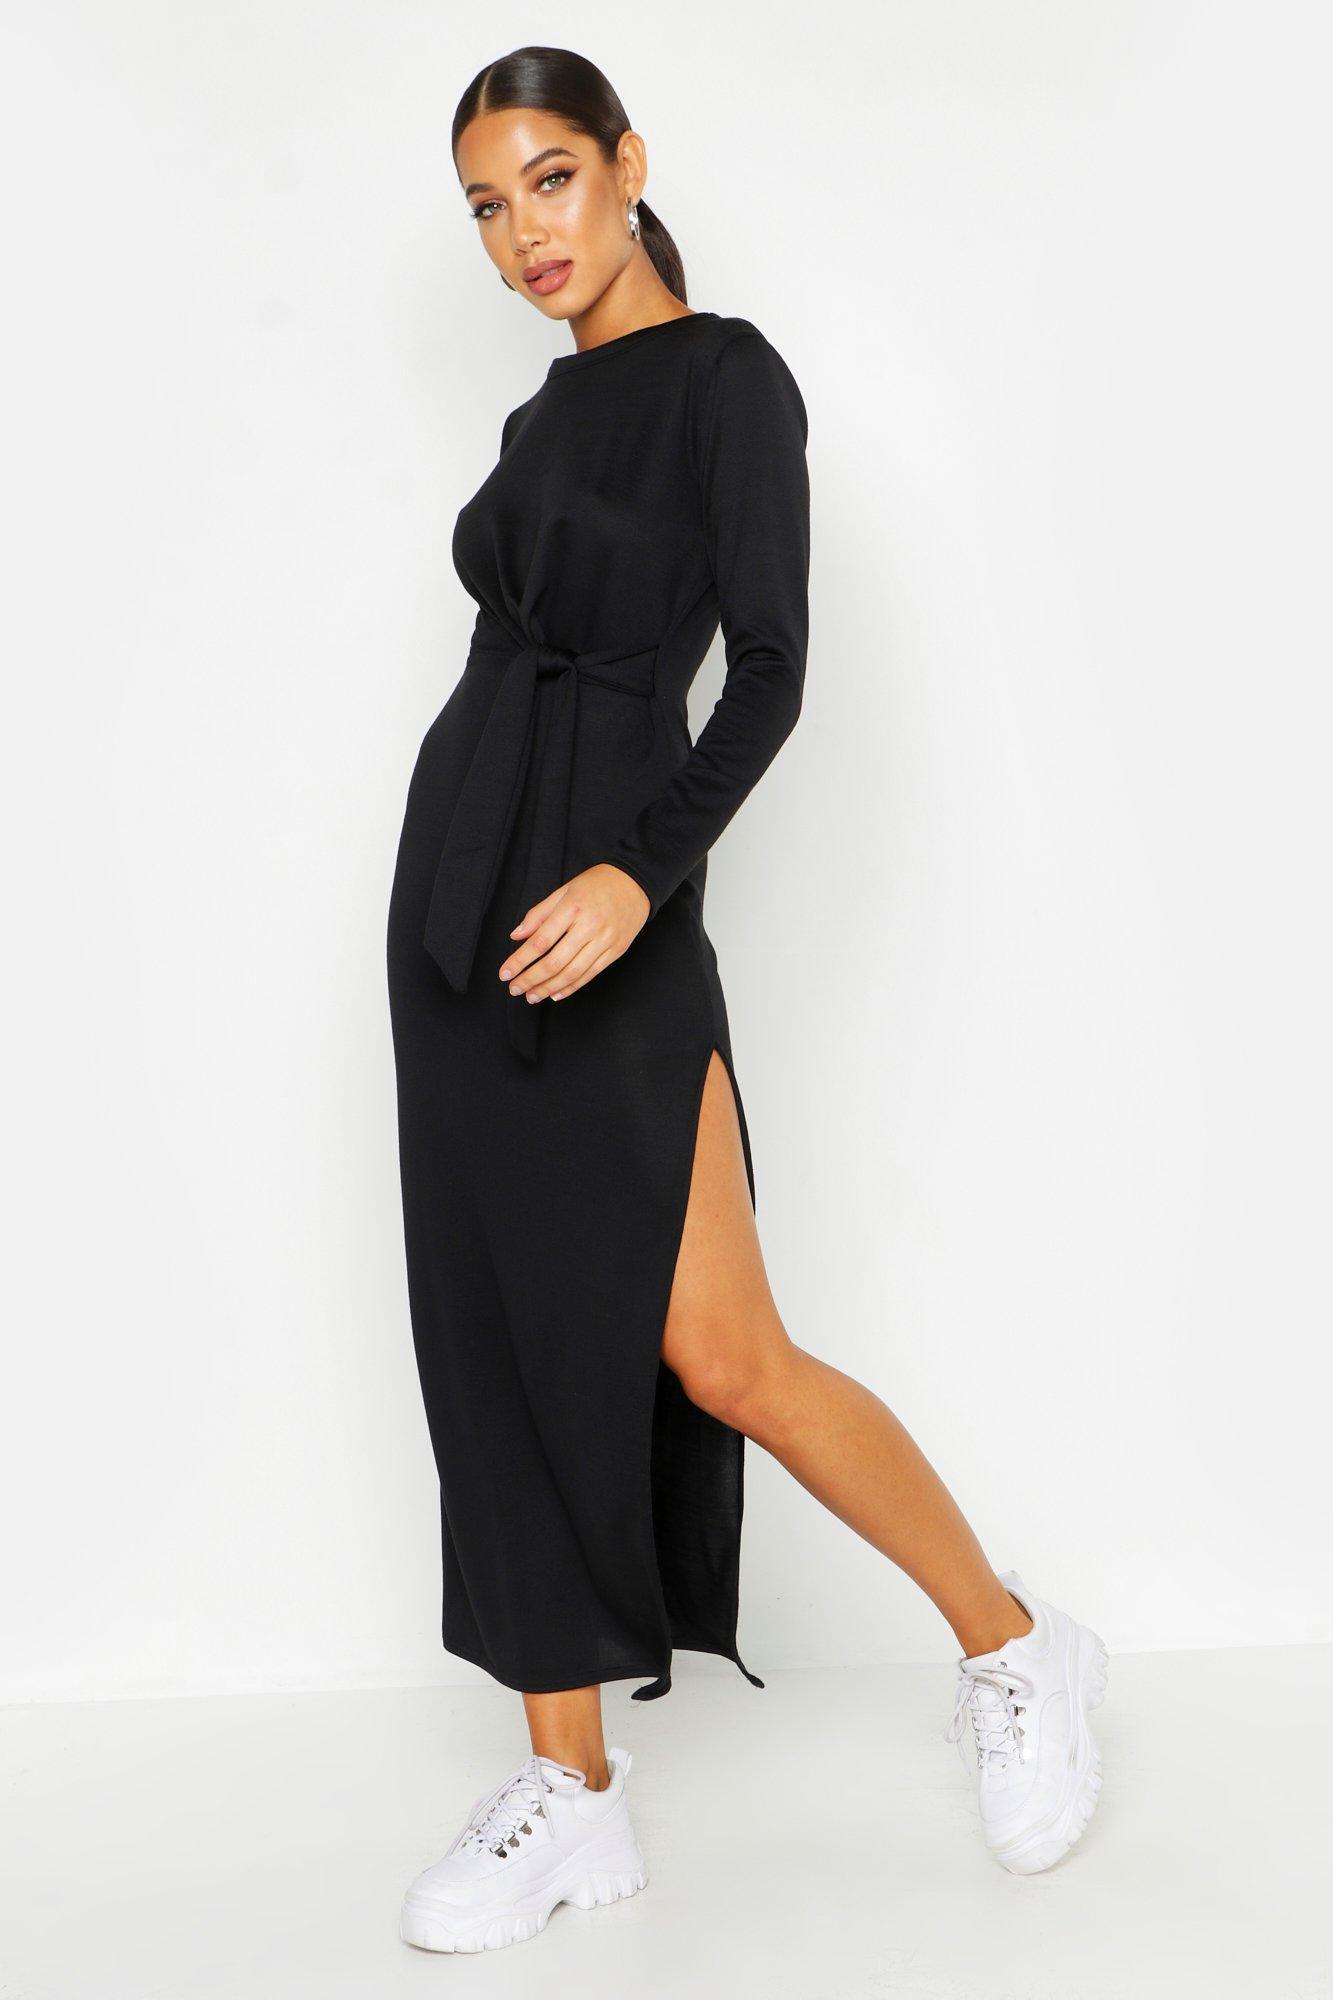 Макси-платье из джерси с трикотажным узлом сбоку